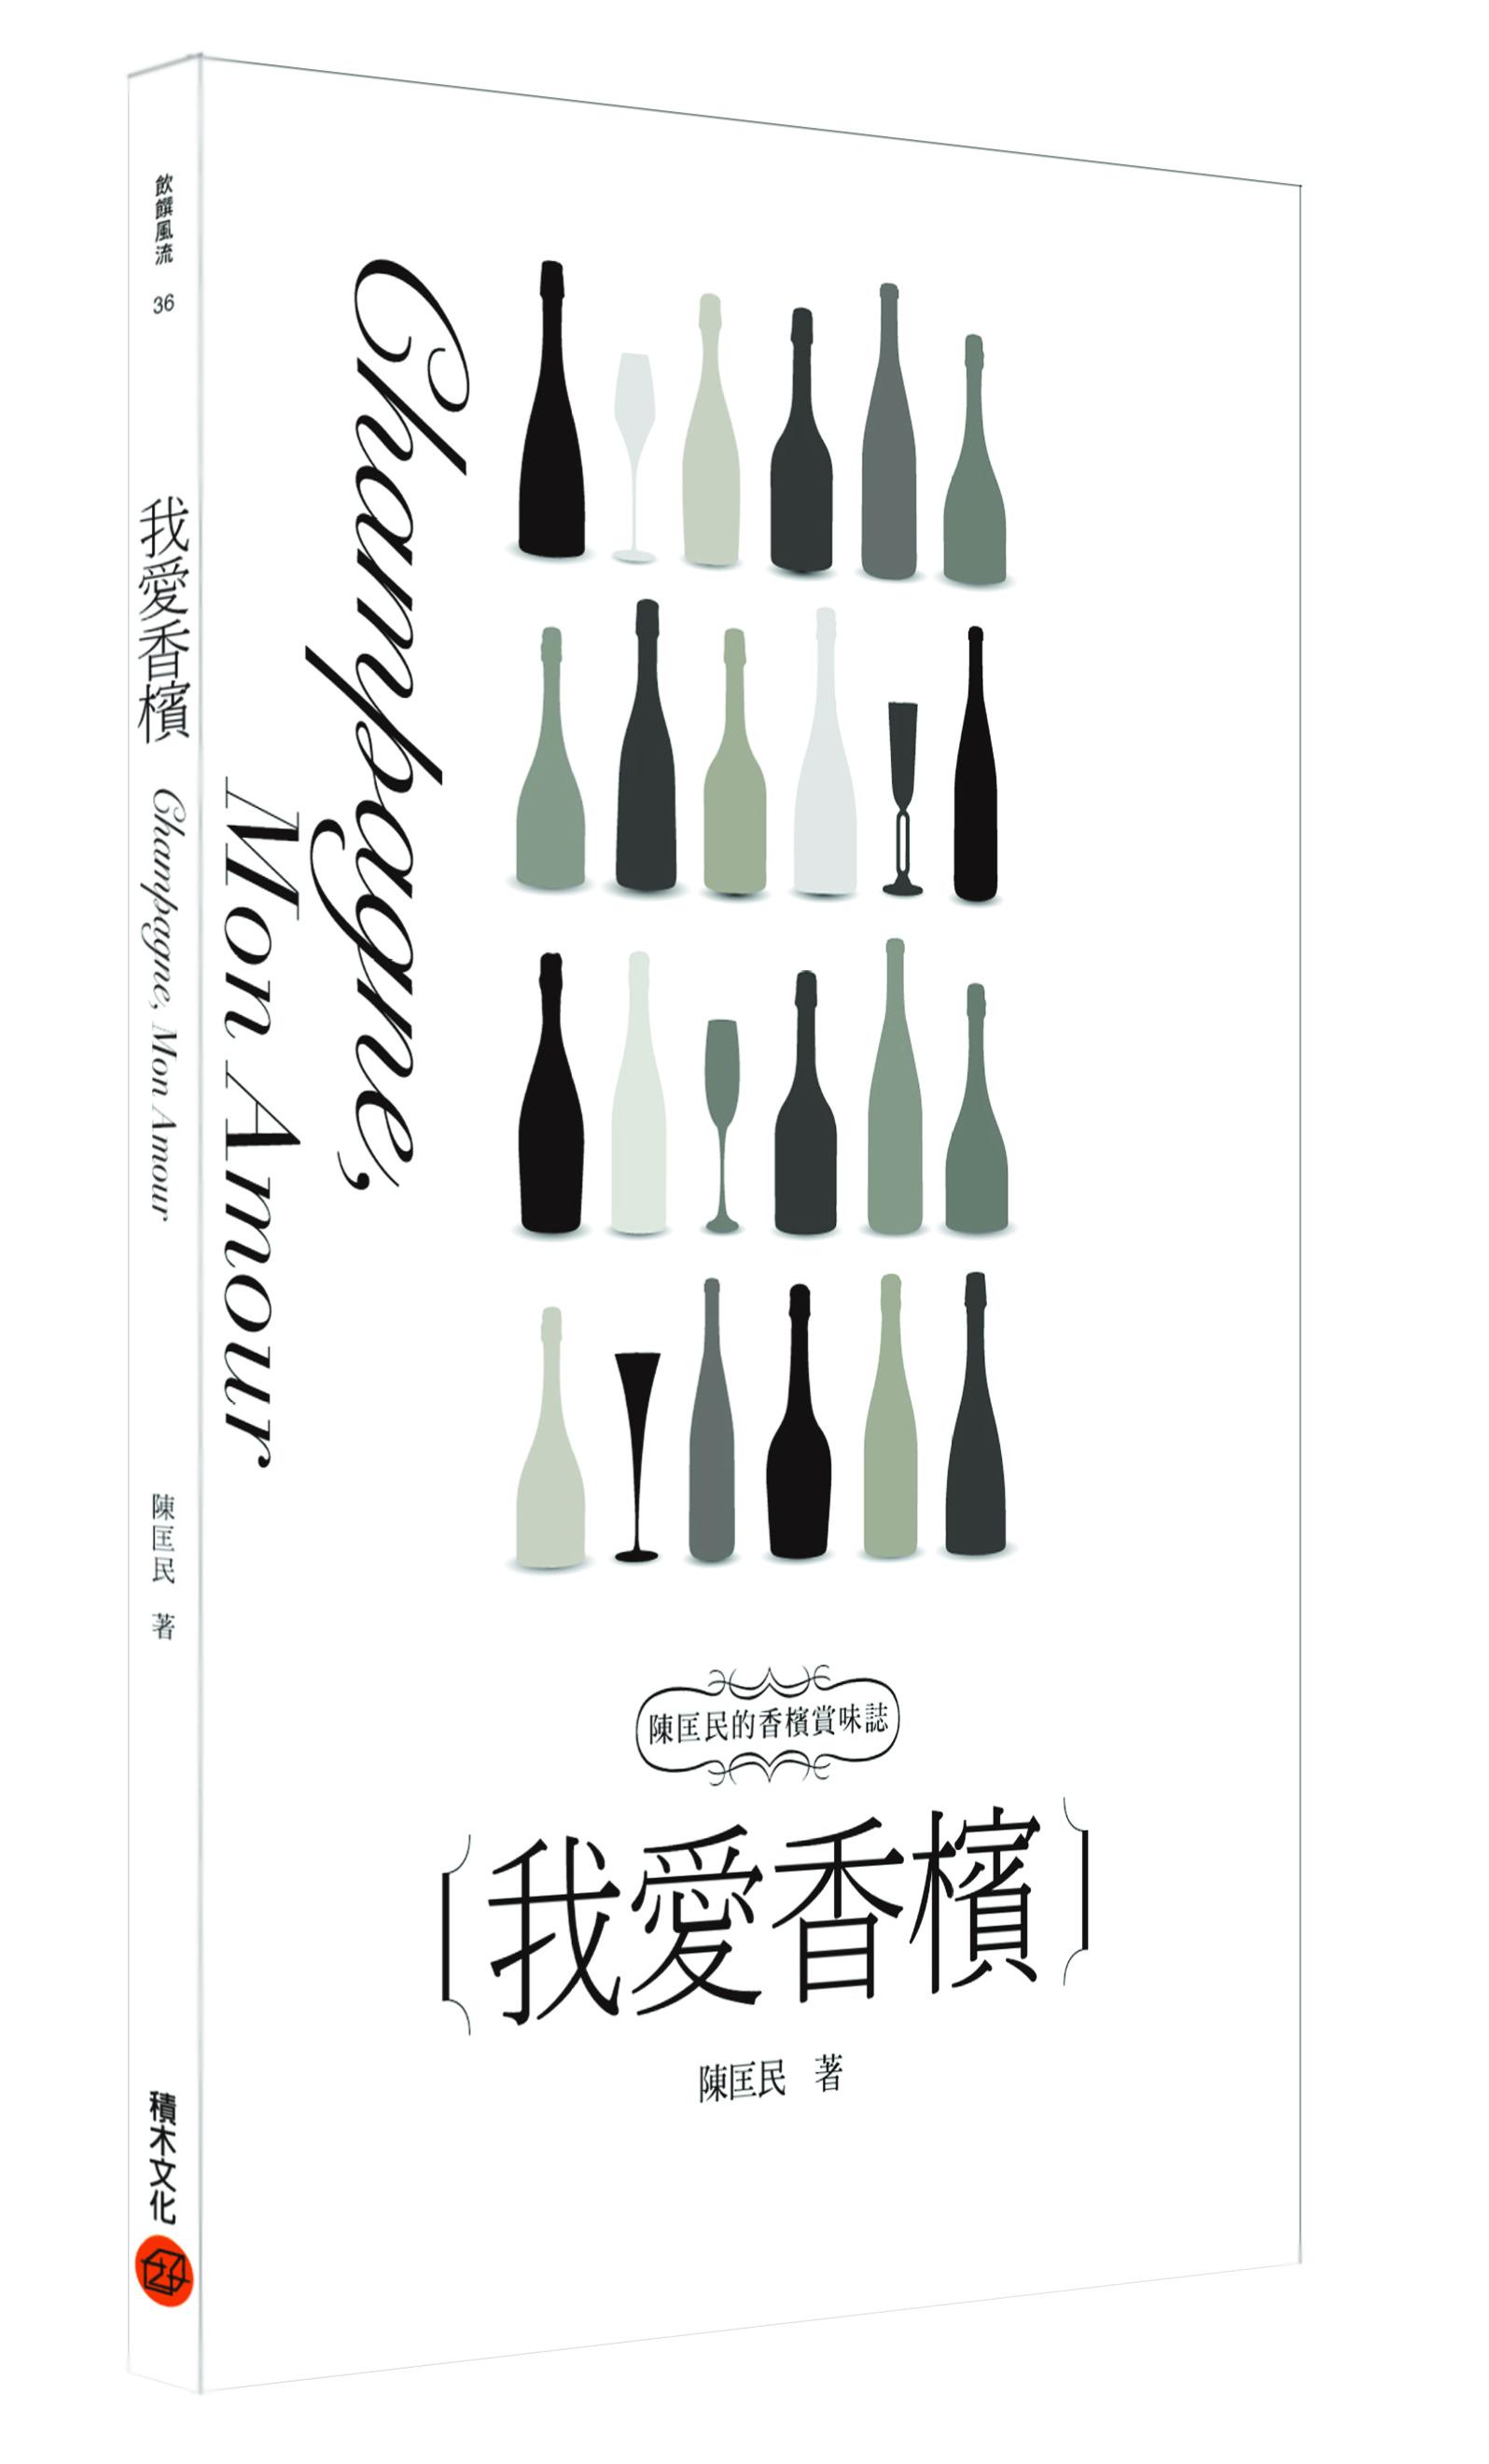 我愛香檳 立體封面_